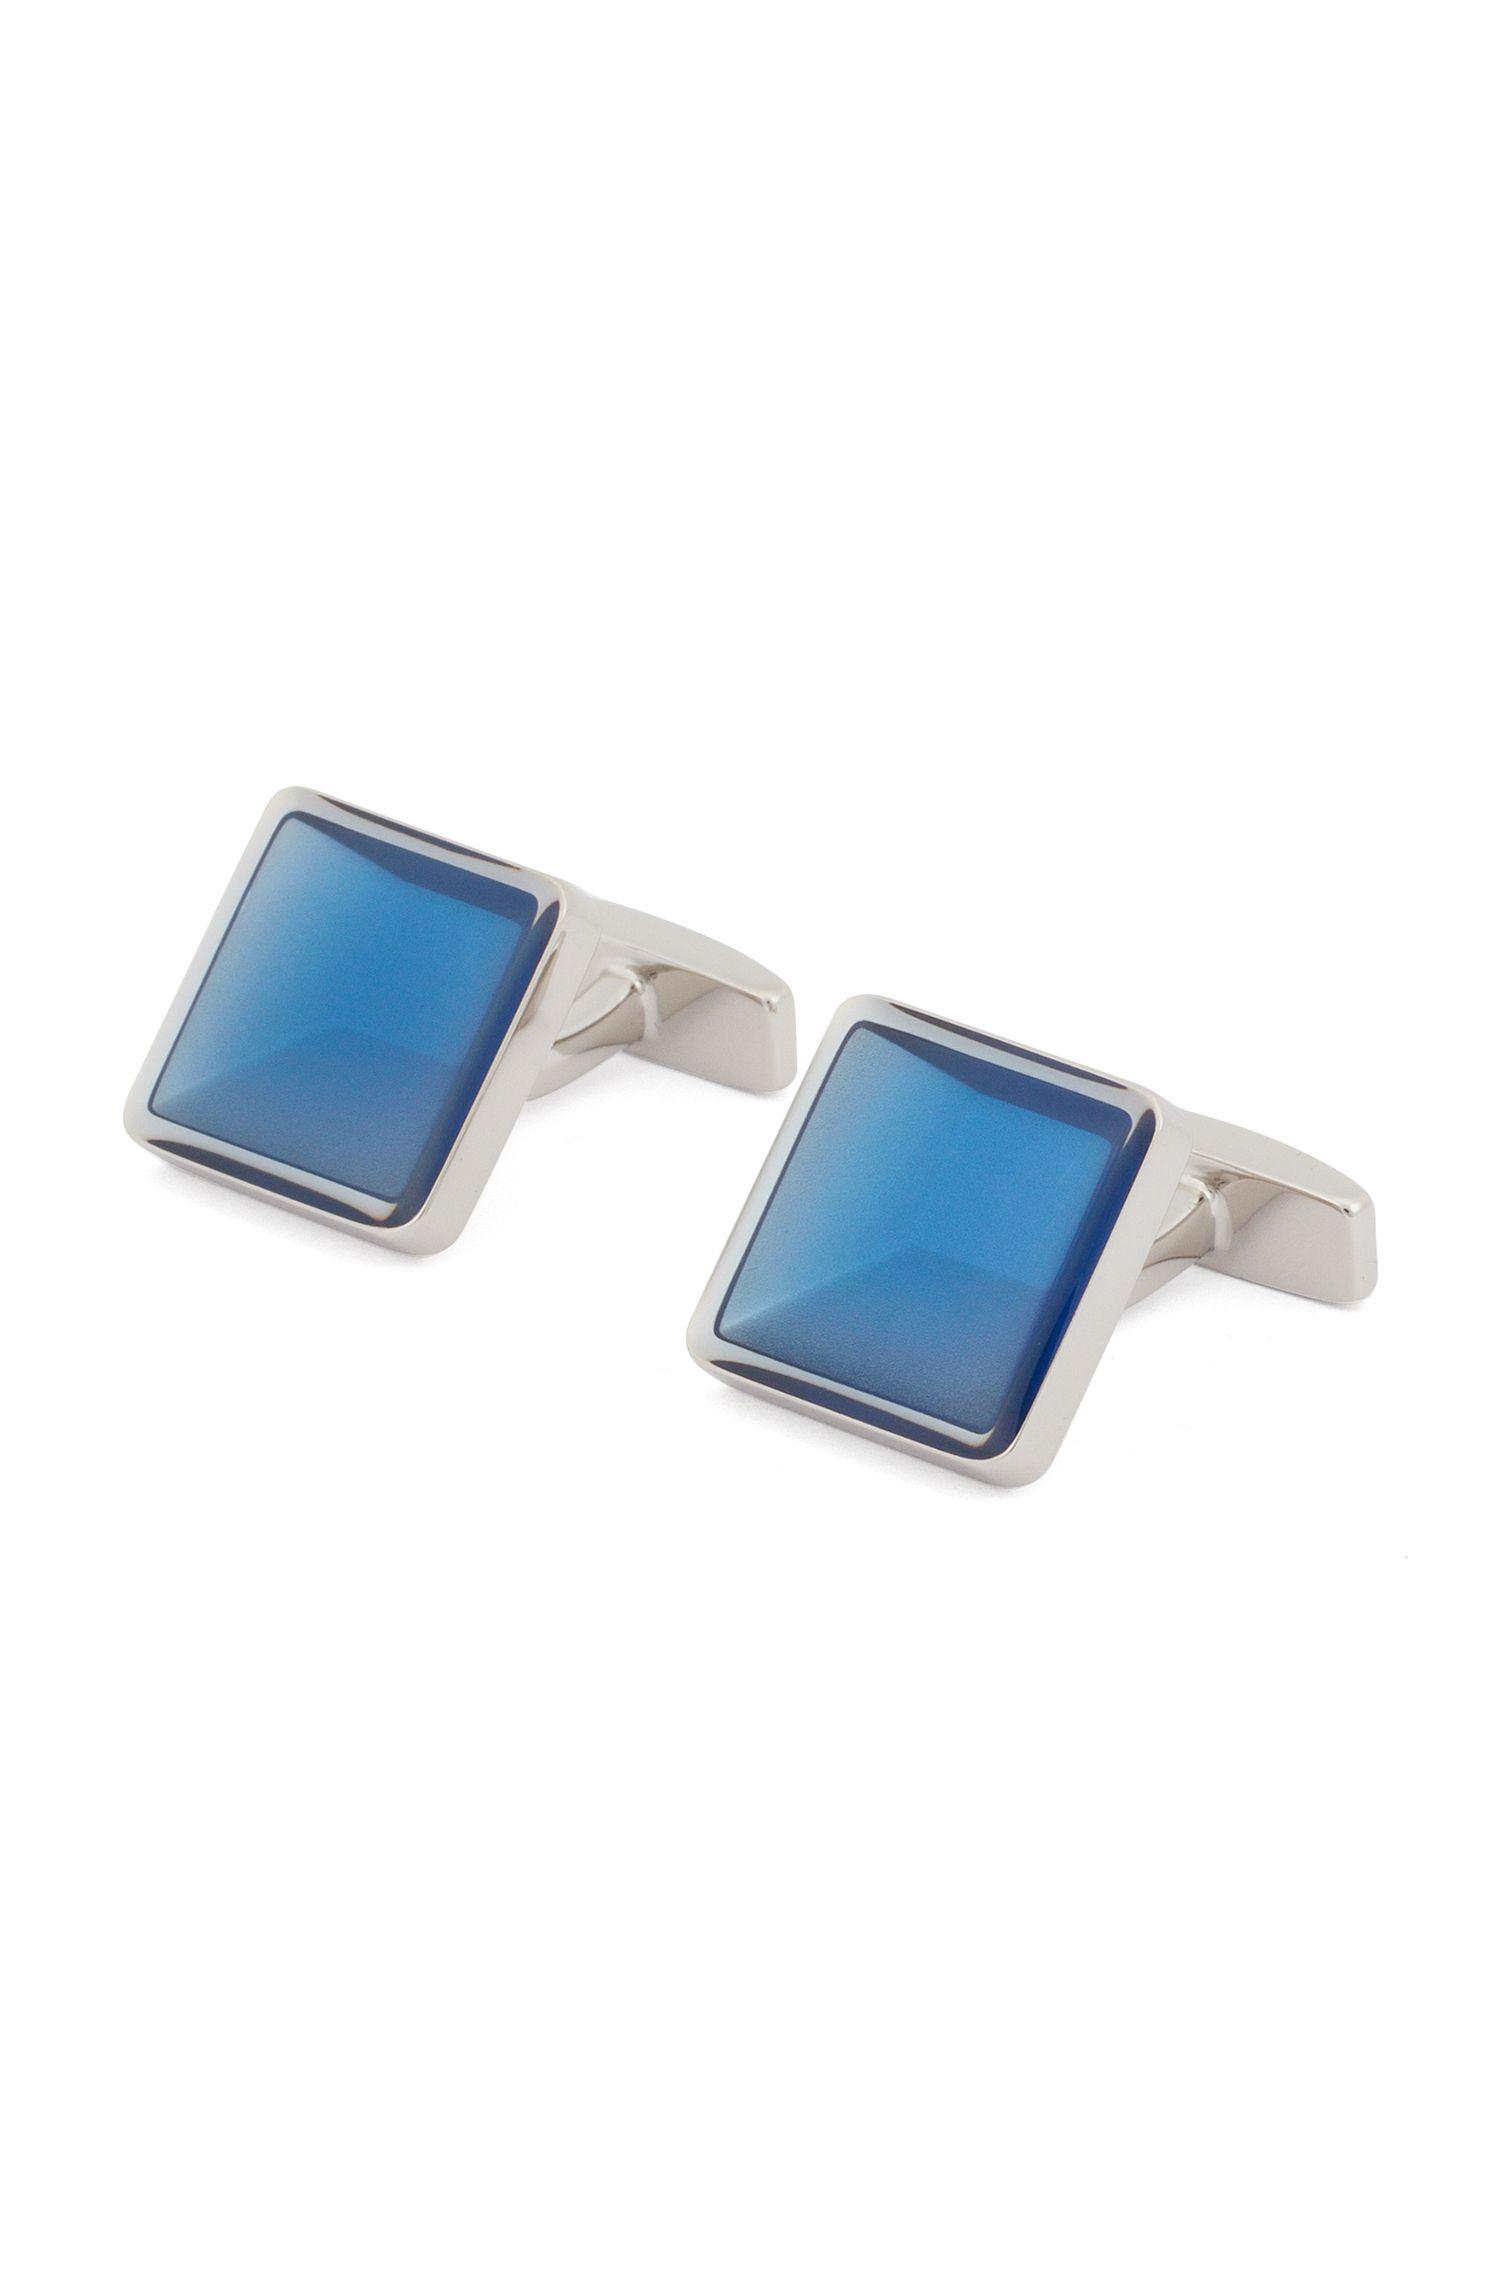 Handgepolijste, vierkante manchetknopen met kern van email met 3D-effect, Blauw